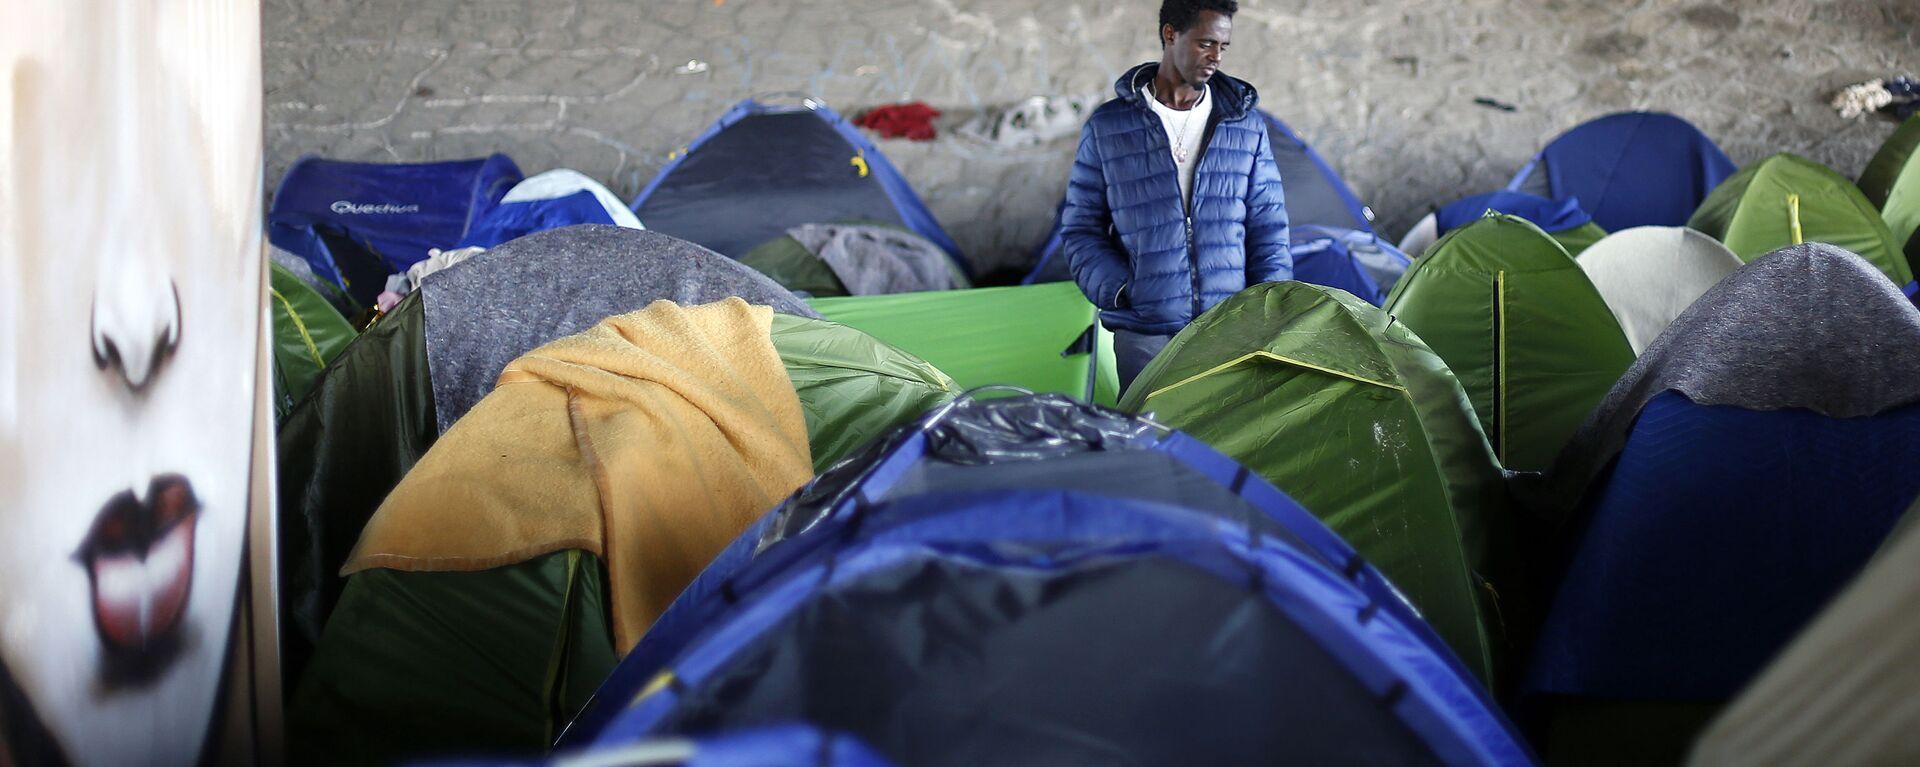 Obóz założony przez imigrantów w Saint-Denis - Sputnik Polska, 1920, 06.08.2021